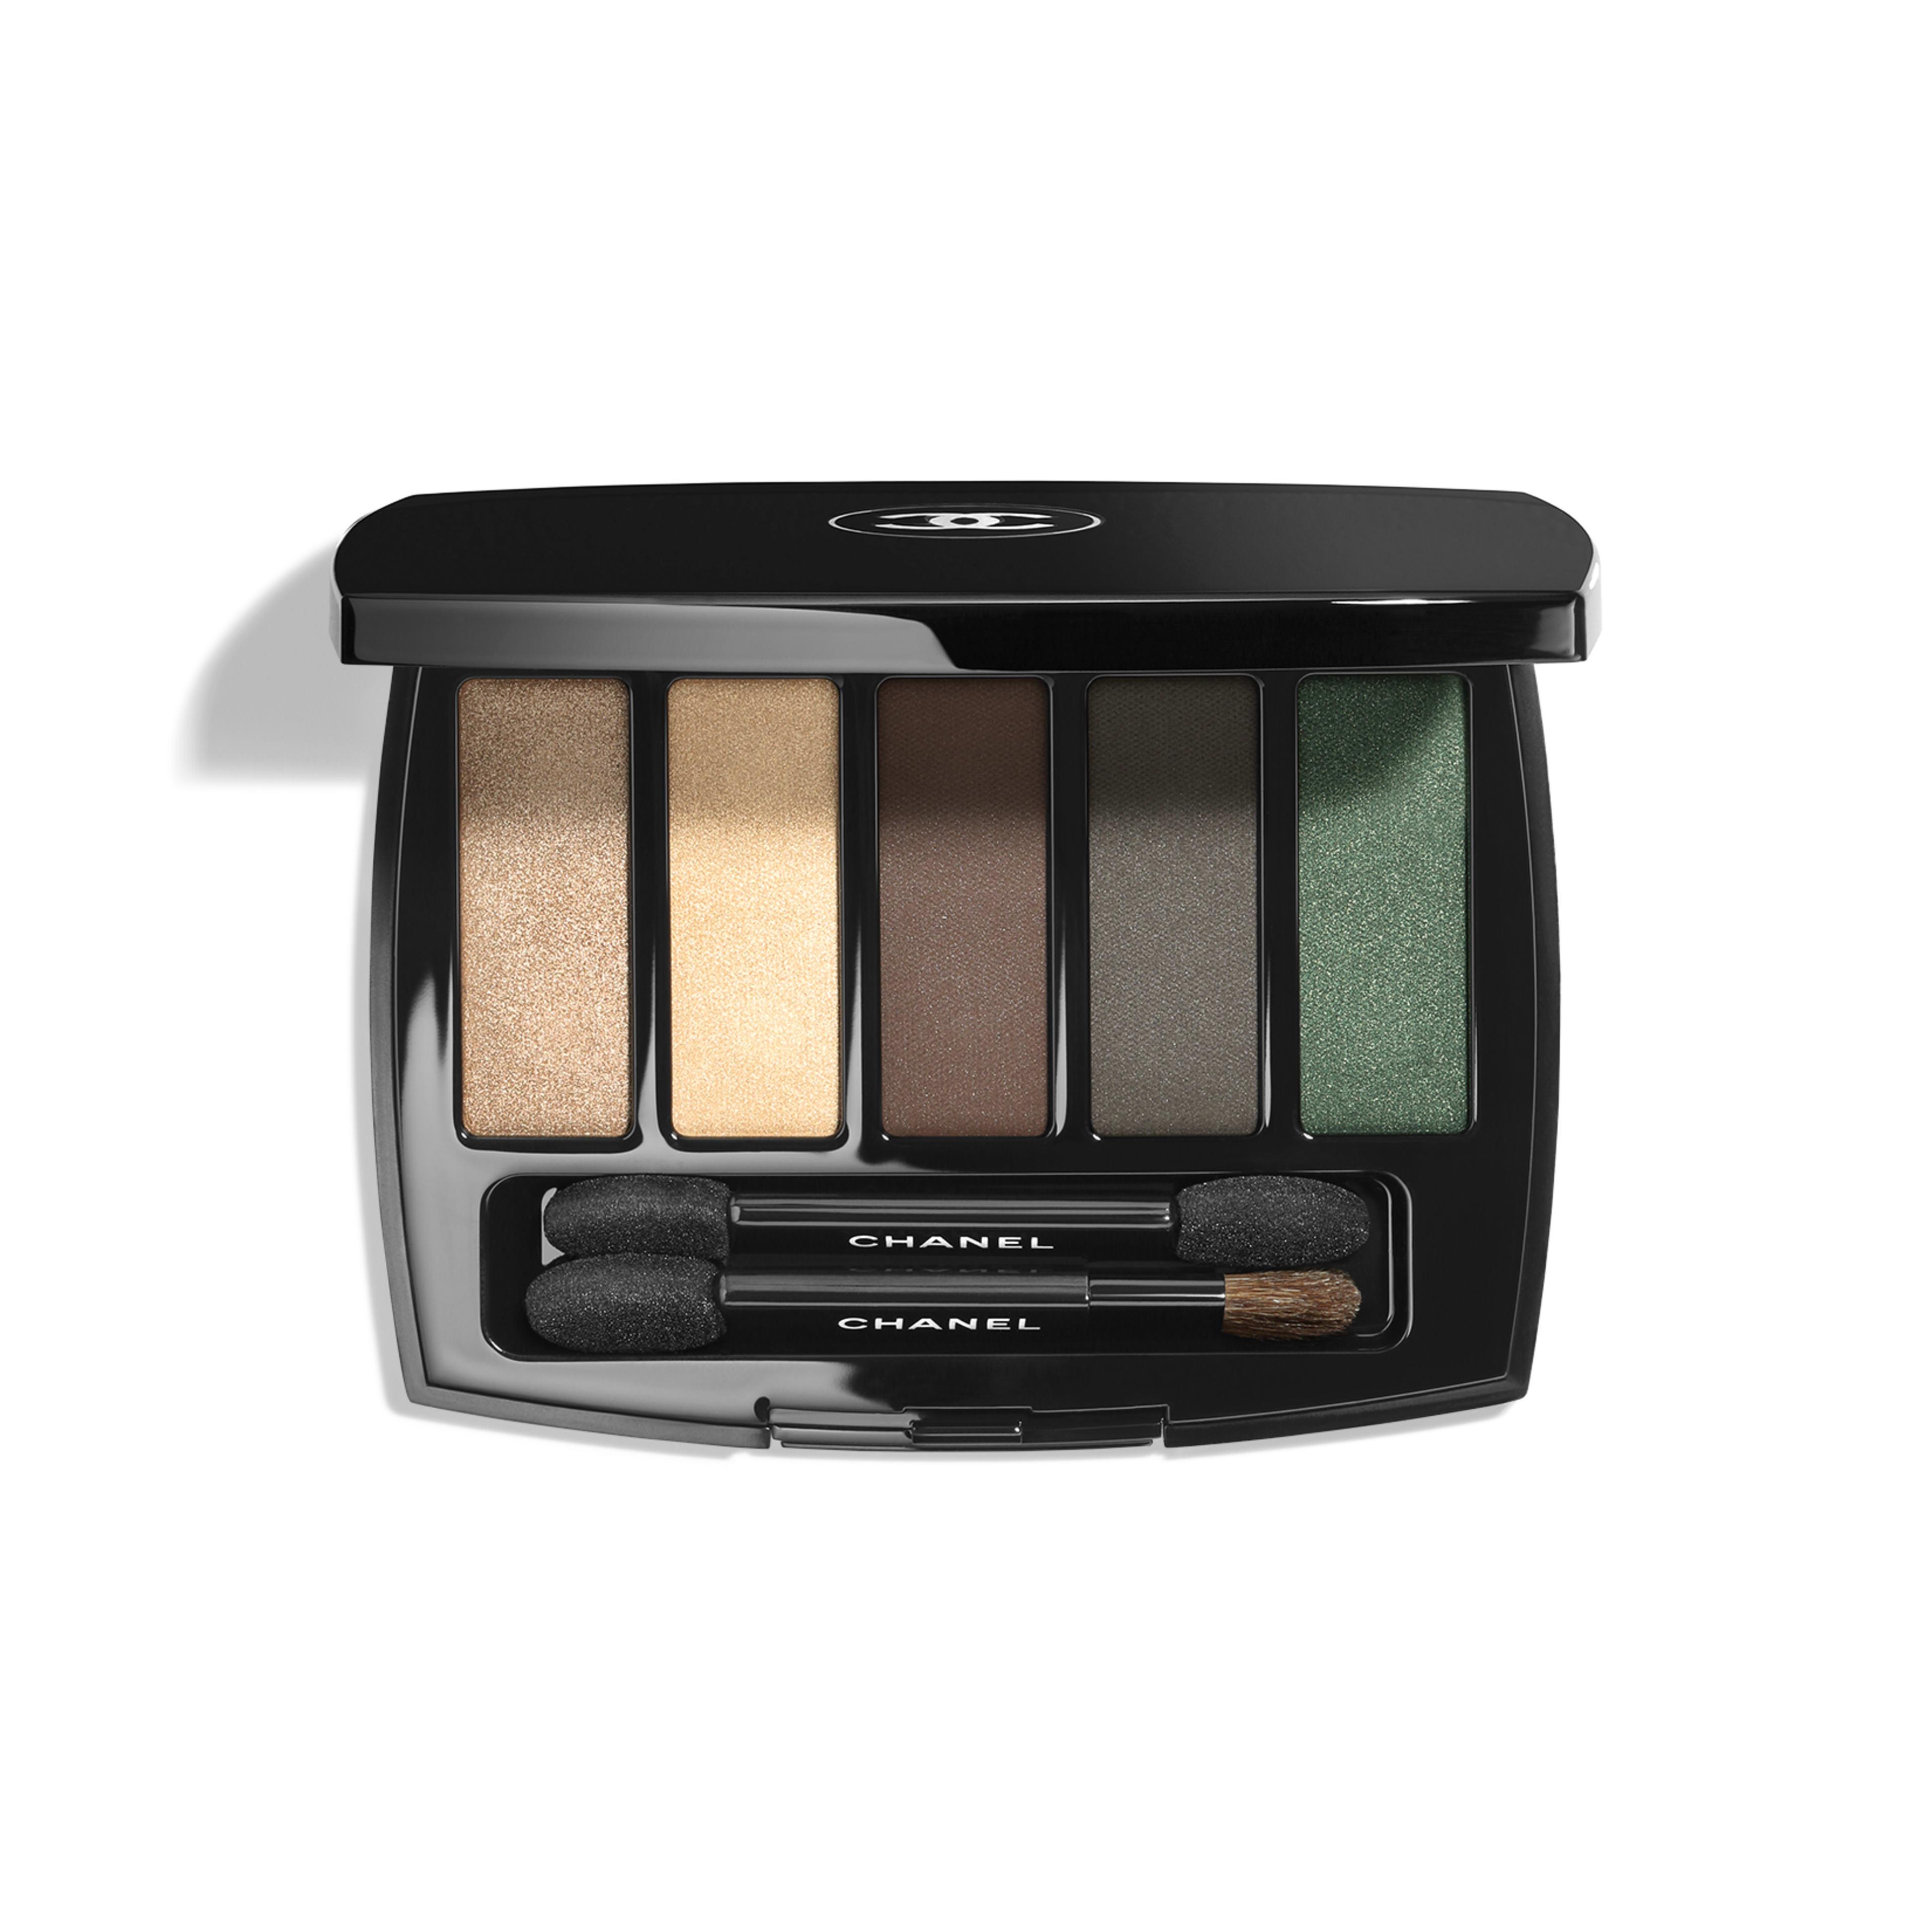 TRAIT DE CARACTÈRE - makeup - 0.31OZ. -                                                            default view - see full sized version